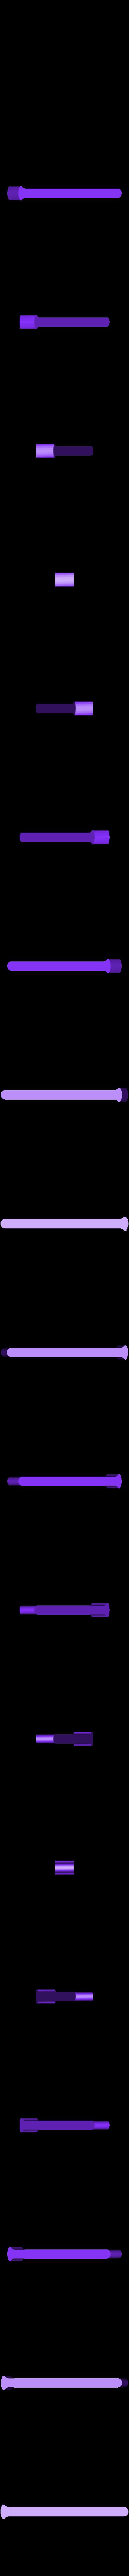 Street_Sign_Pole_7.STL Download free STL file Sesame Street Sign • 3D printing model, enzordplst